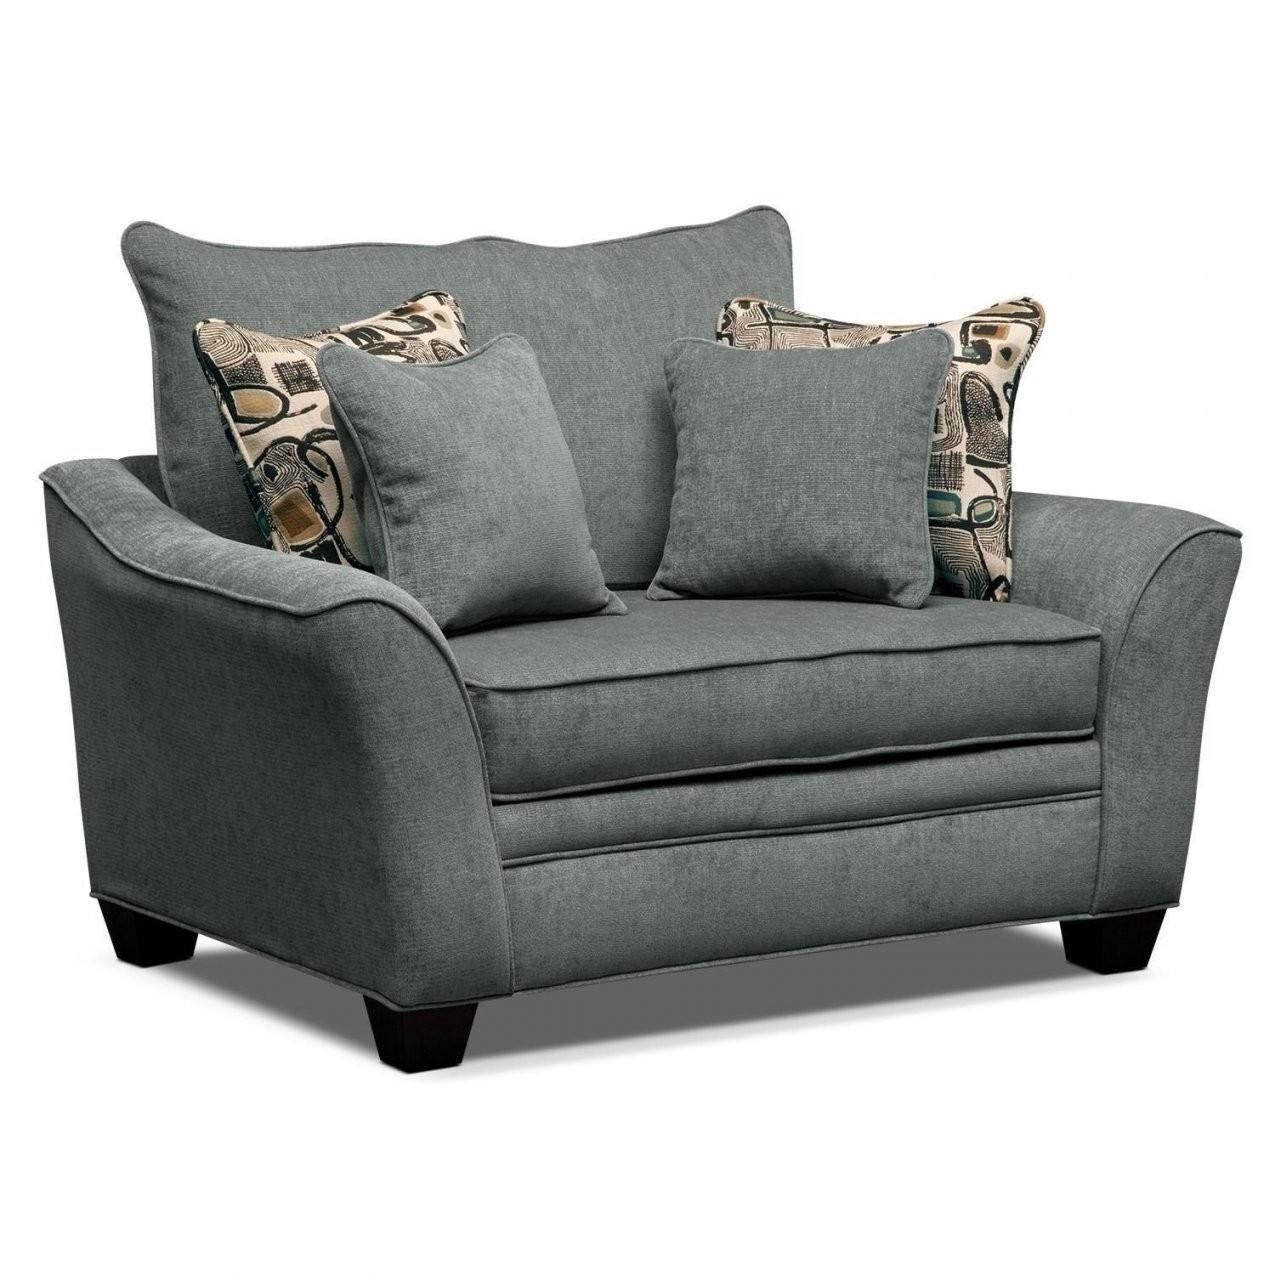 Sessel Liege Garten Natürlich Liege Couch Elegant Couch Sessel von Sessel Liege Garten Bild